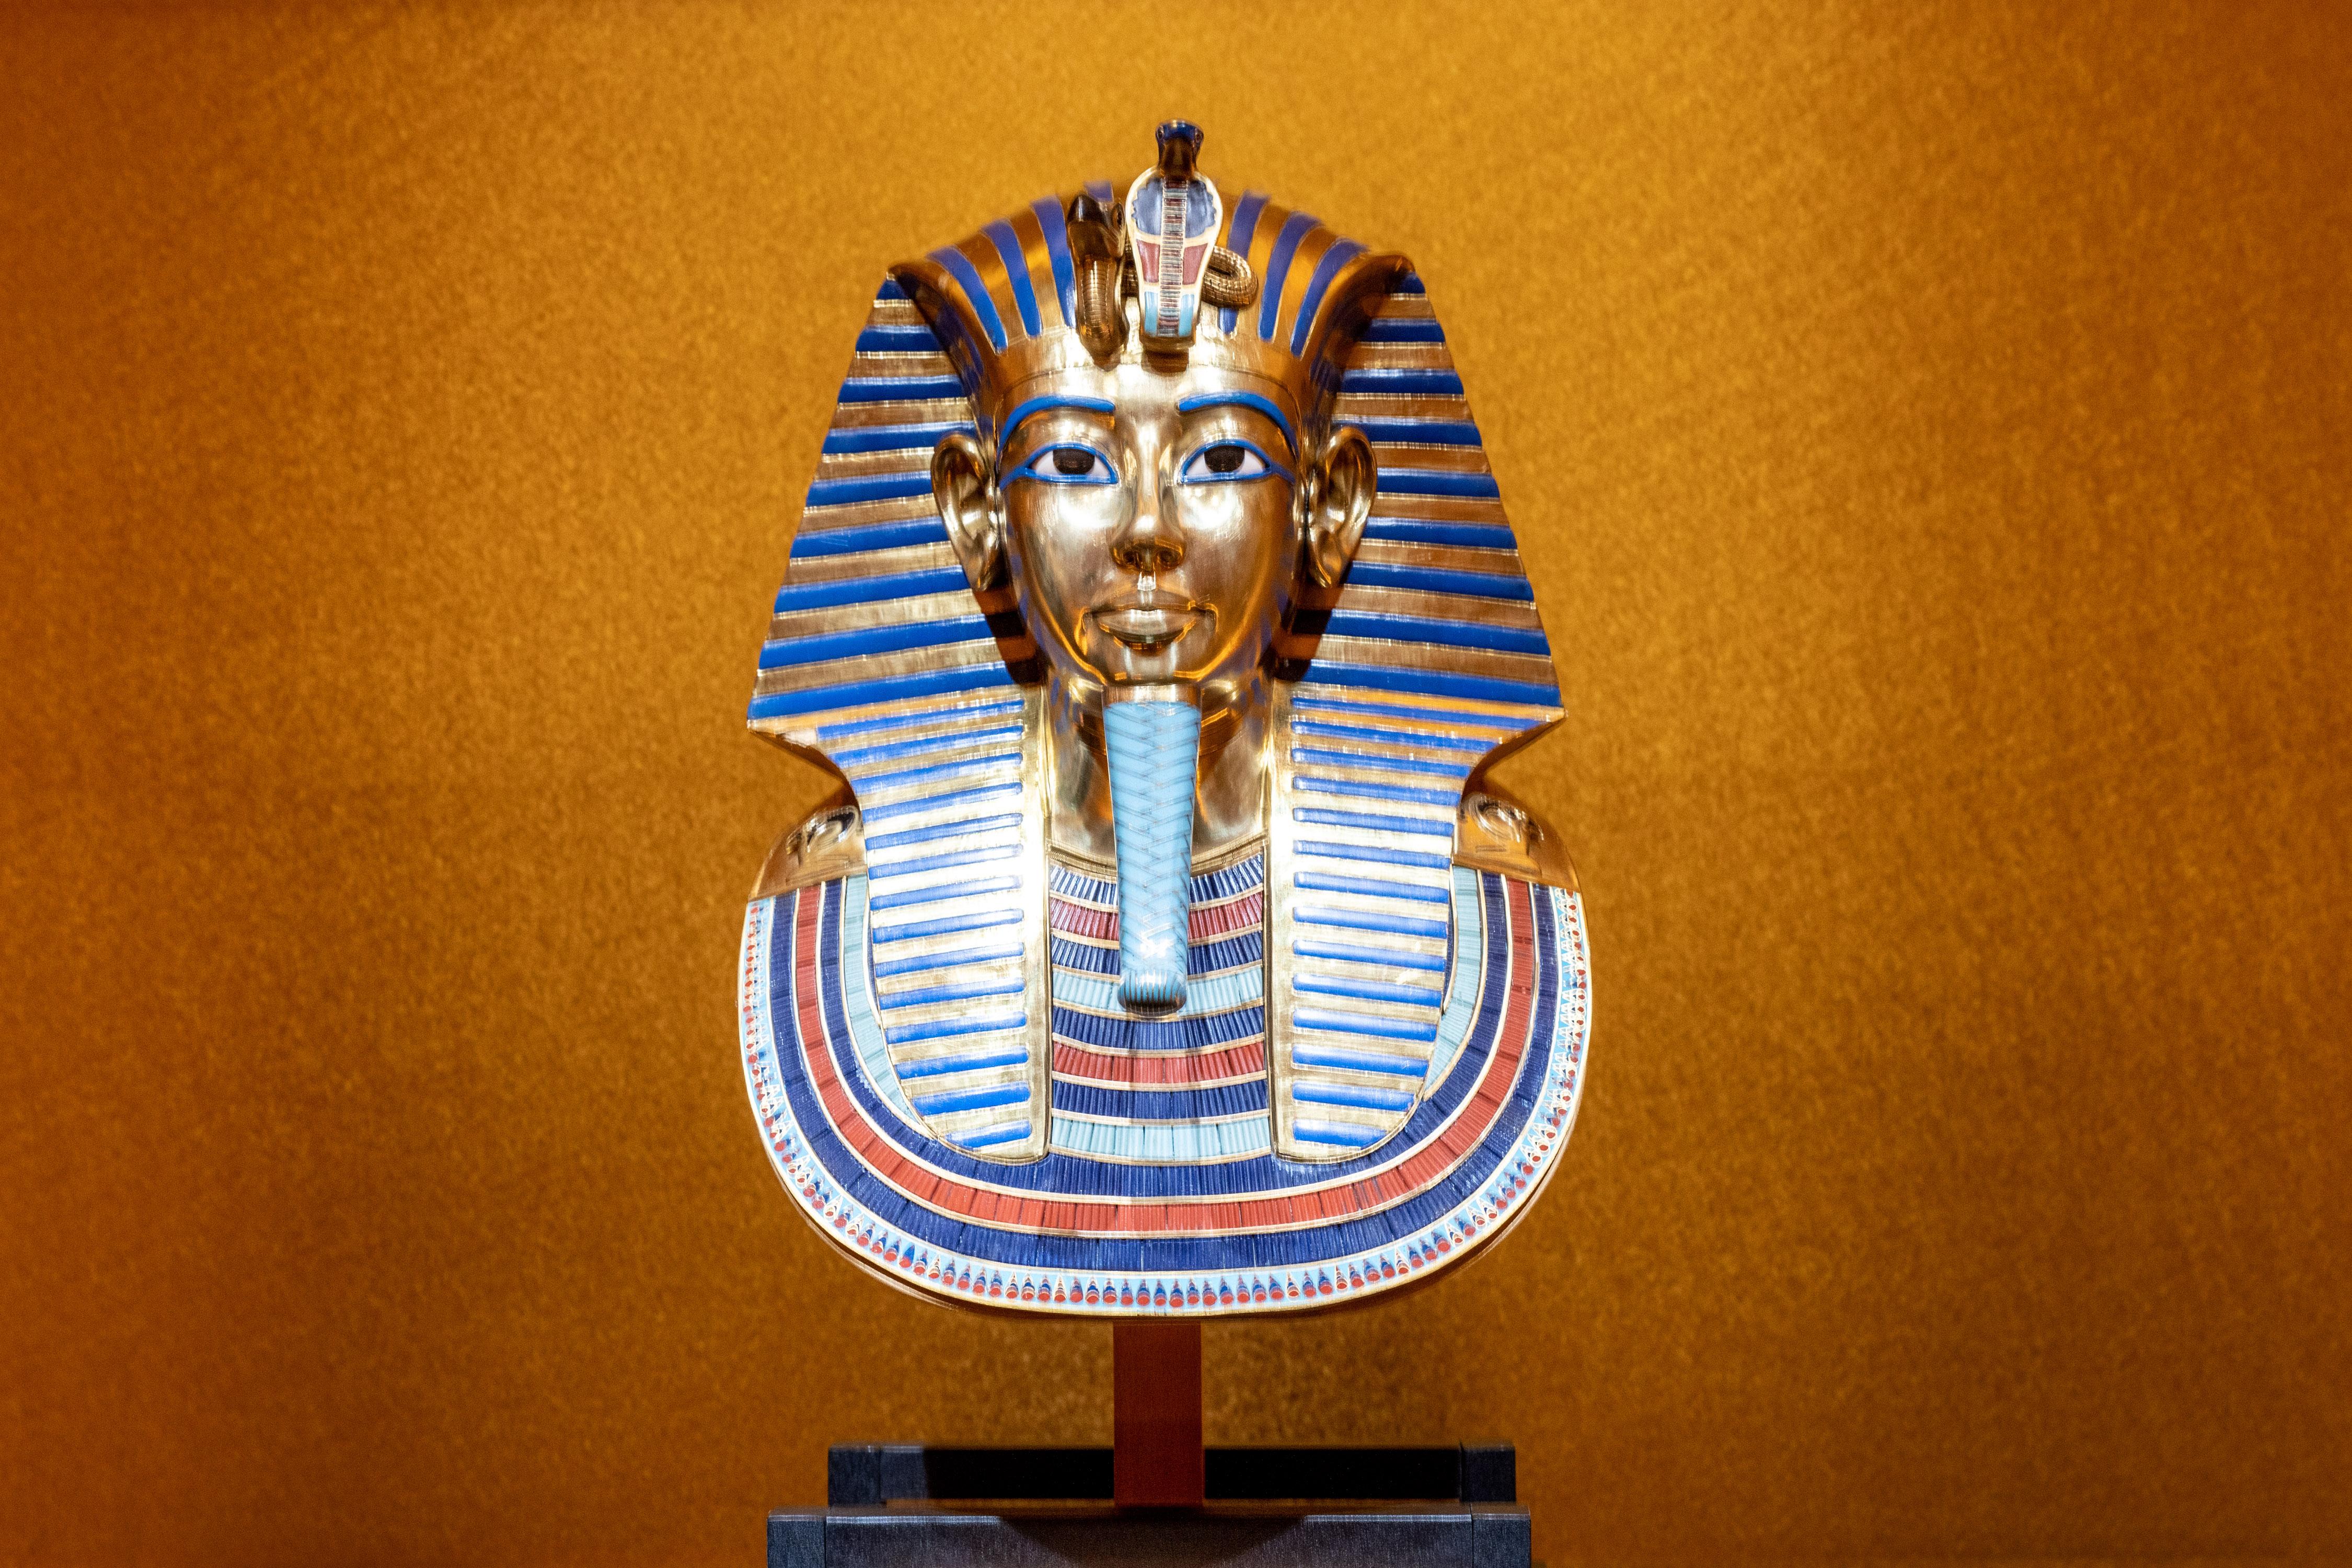 20200117-20200405圖坦卡門-法老王的黃金寶藏特展 圖坦卡門像